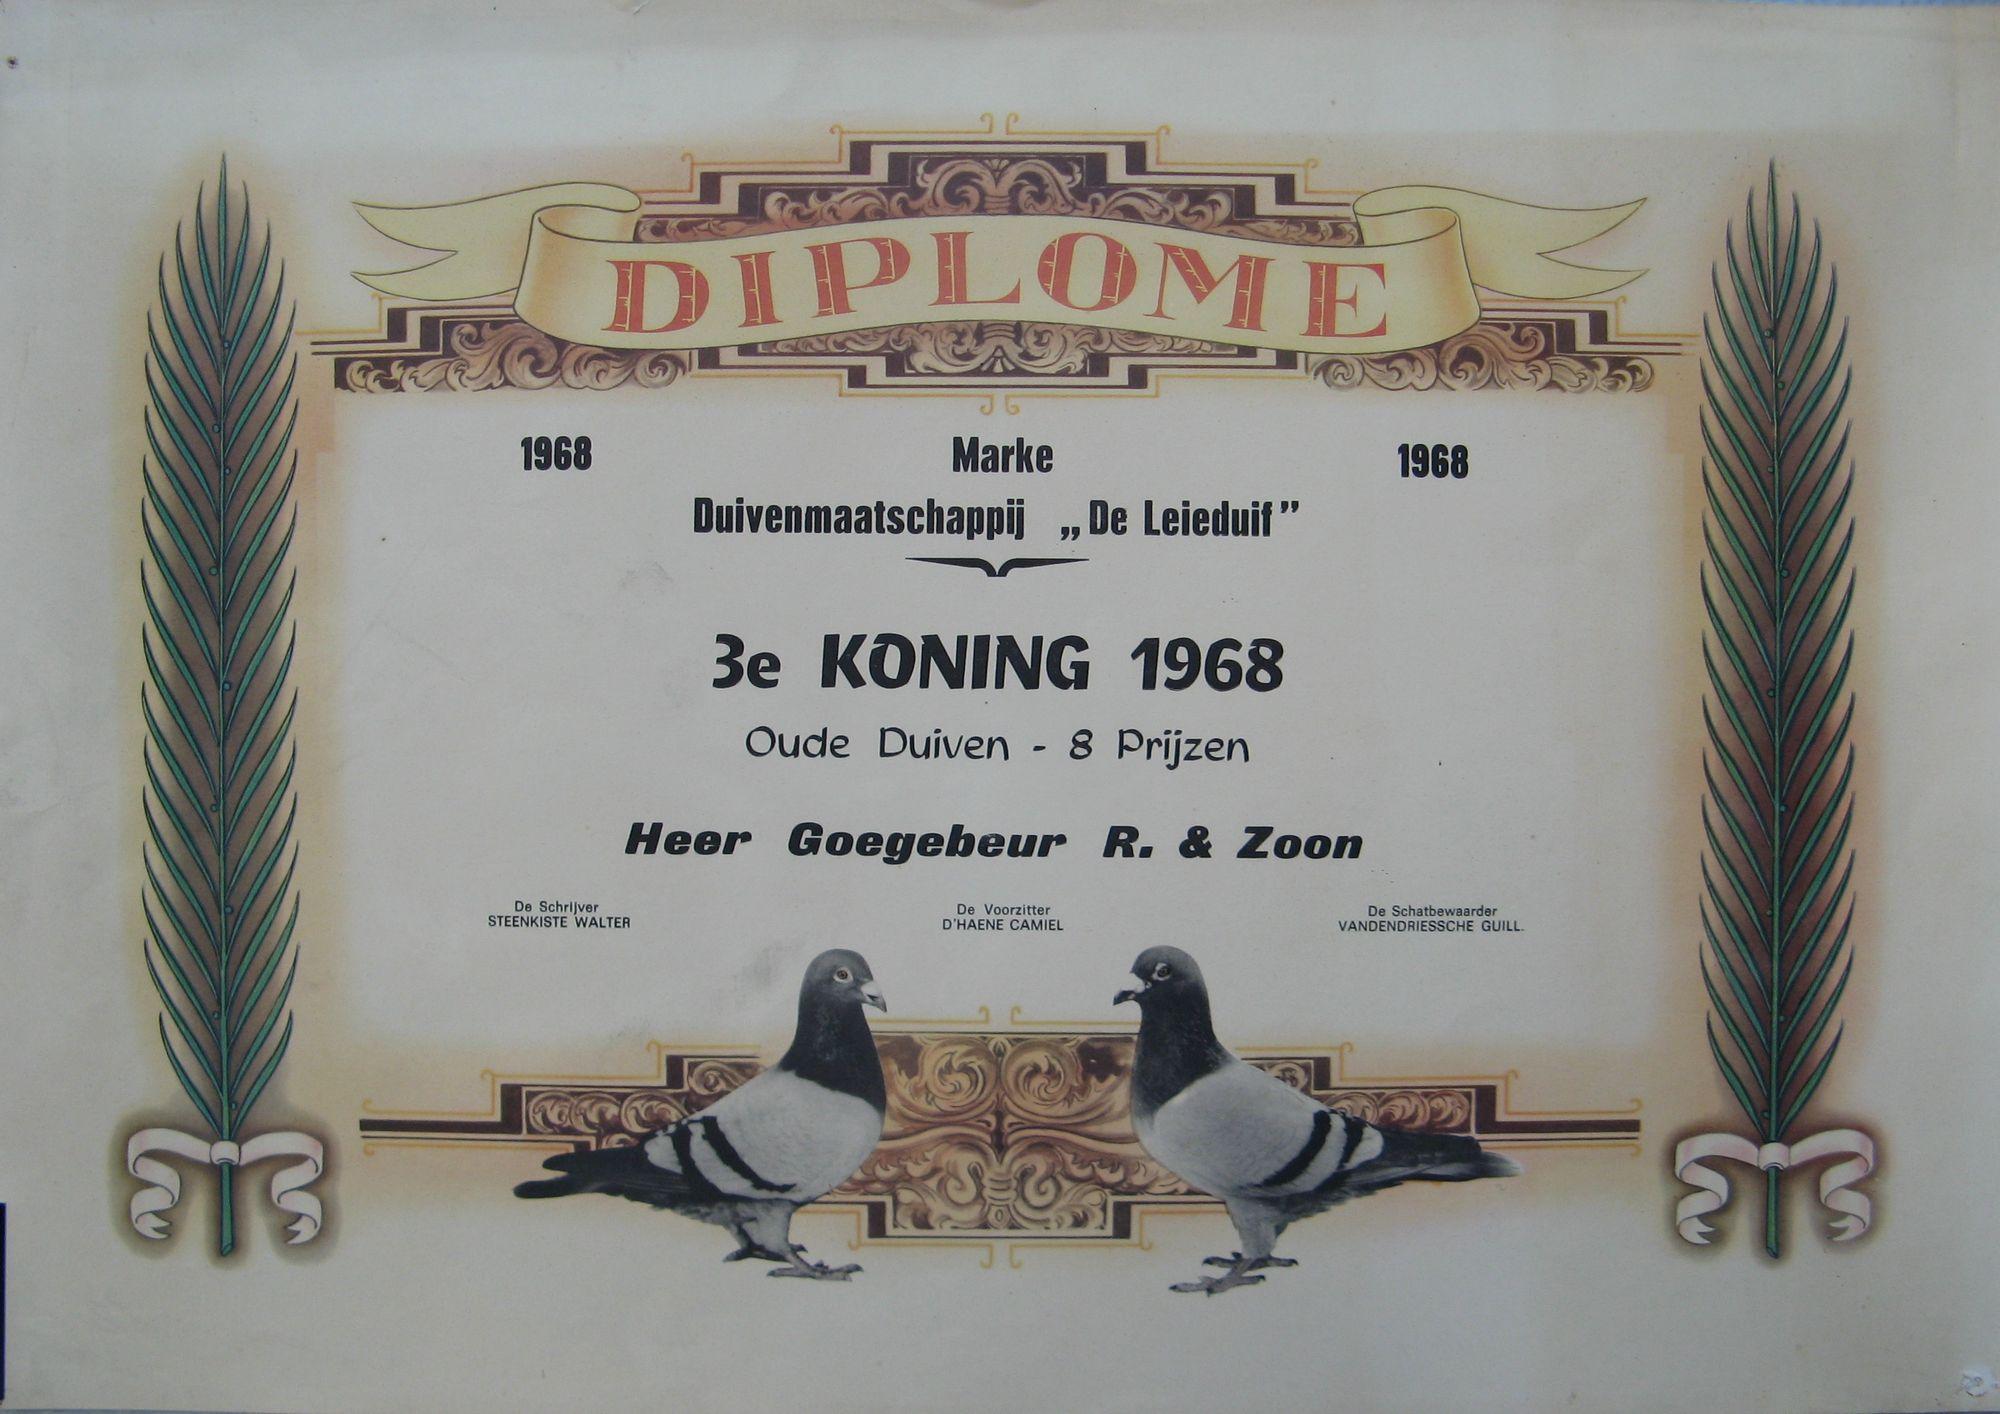 Prijsduif uit 1968